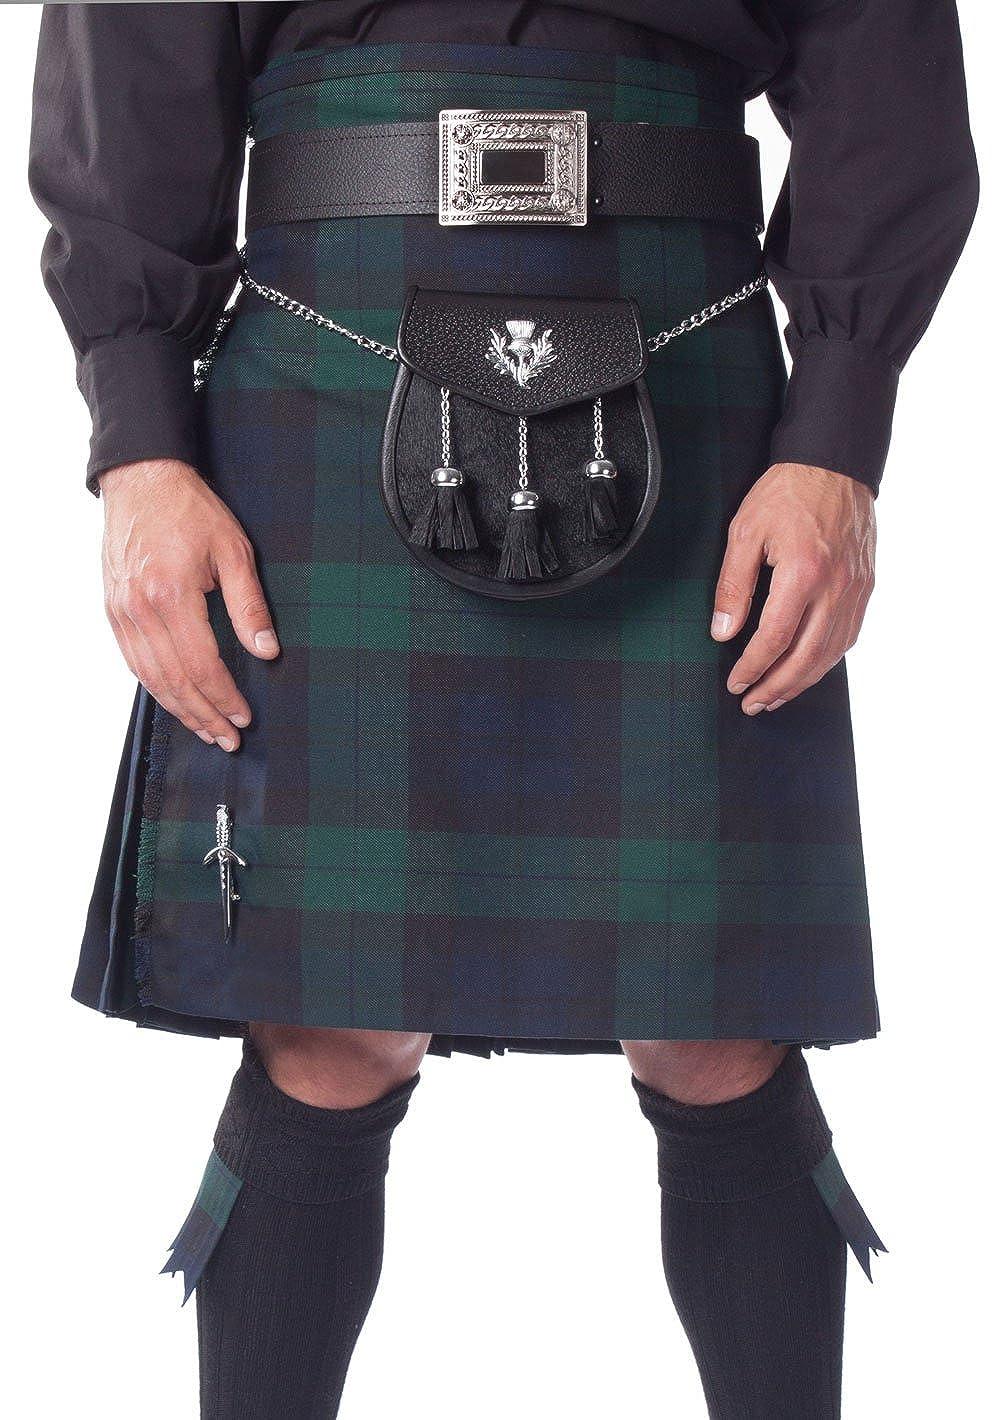 67d7784e9 Kilt Society Mens 8 Yard Scottish Tartan Kilt